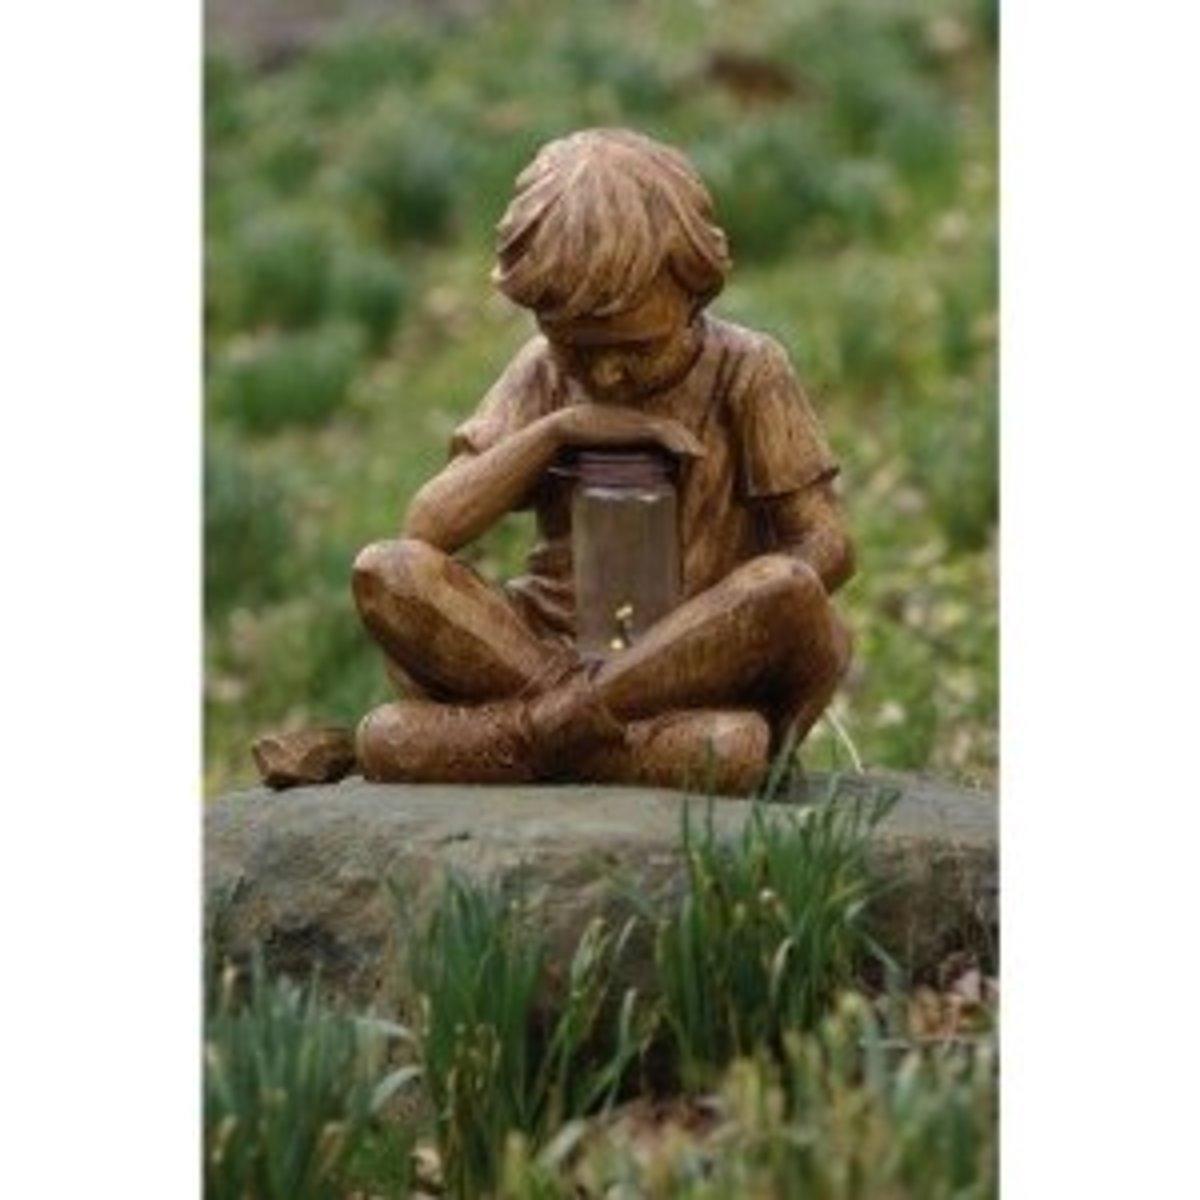 Boy With Firefly Jar from Amazon